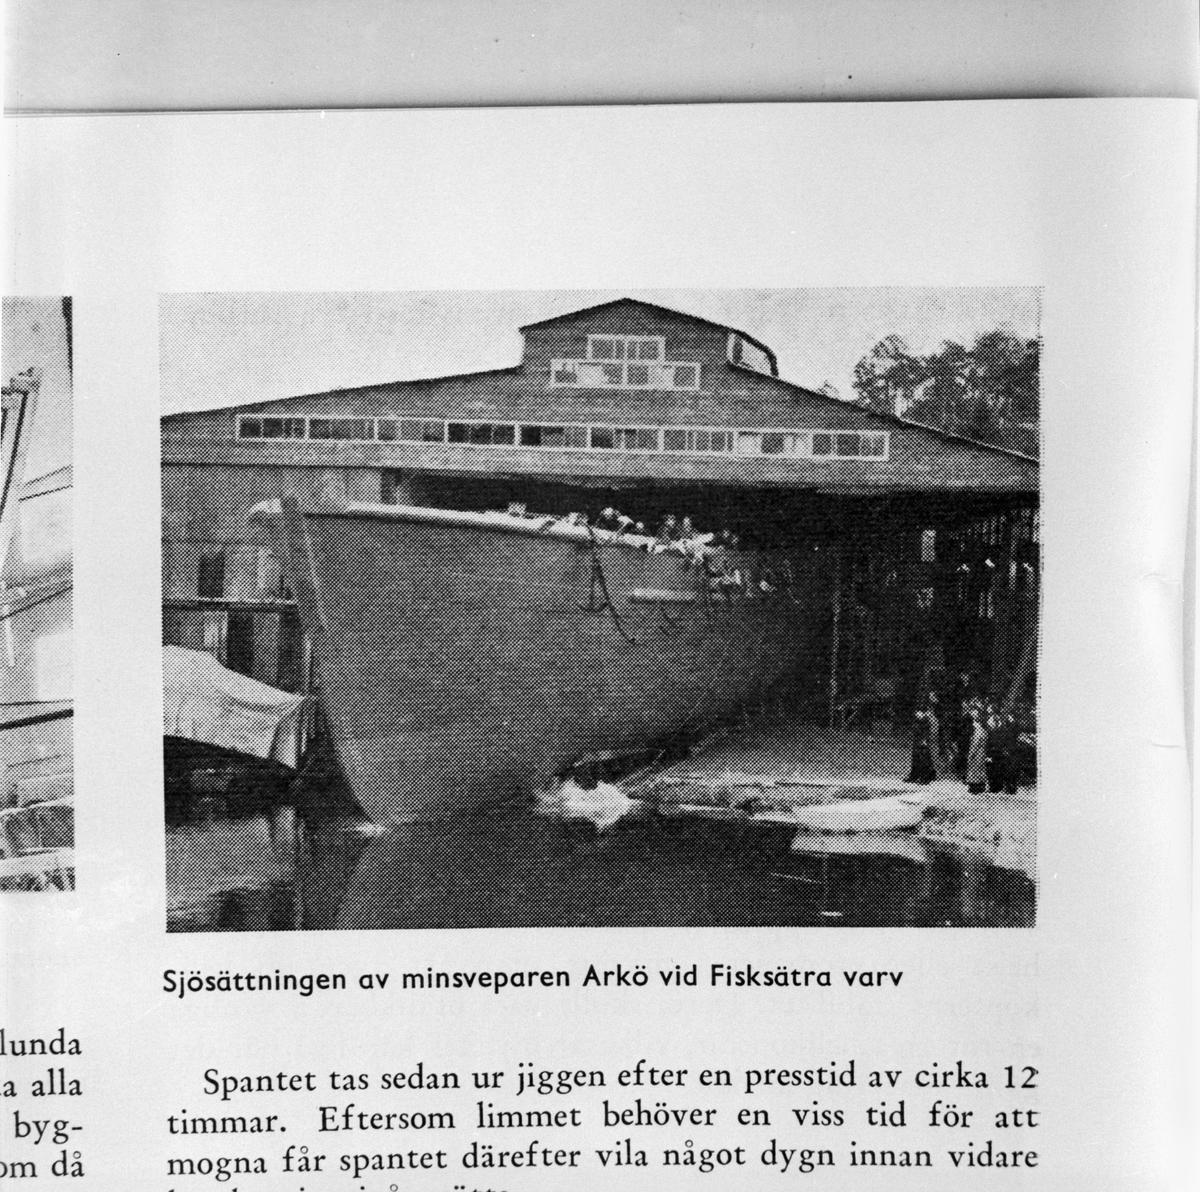 Övrigt: Foto datum: 30/12 1957 Byggnader och kranar D.M.V. artikel om limmade minsvepare. Närmast identisk bild: V14324 och V14325, ej skannade